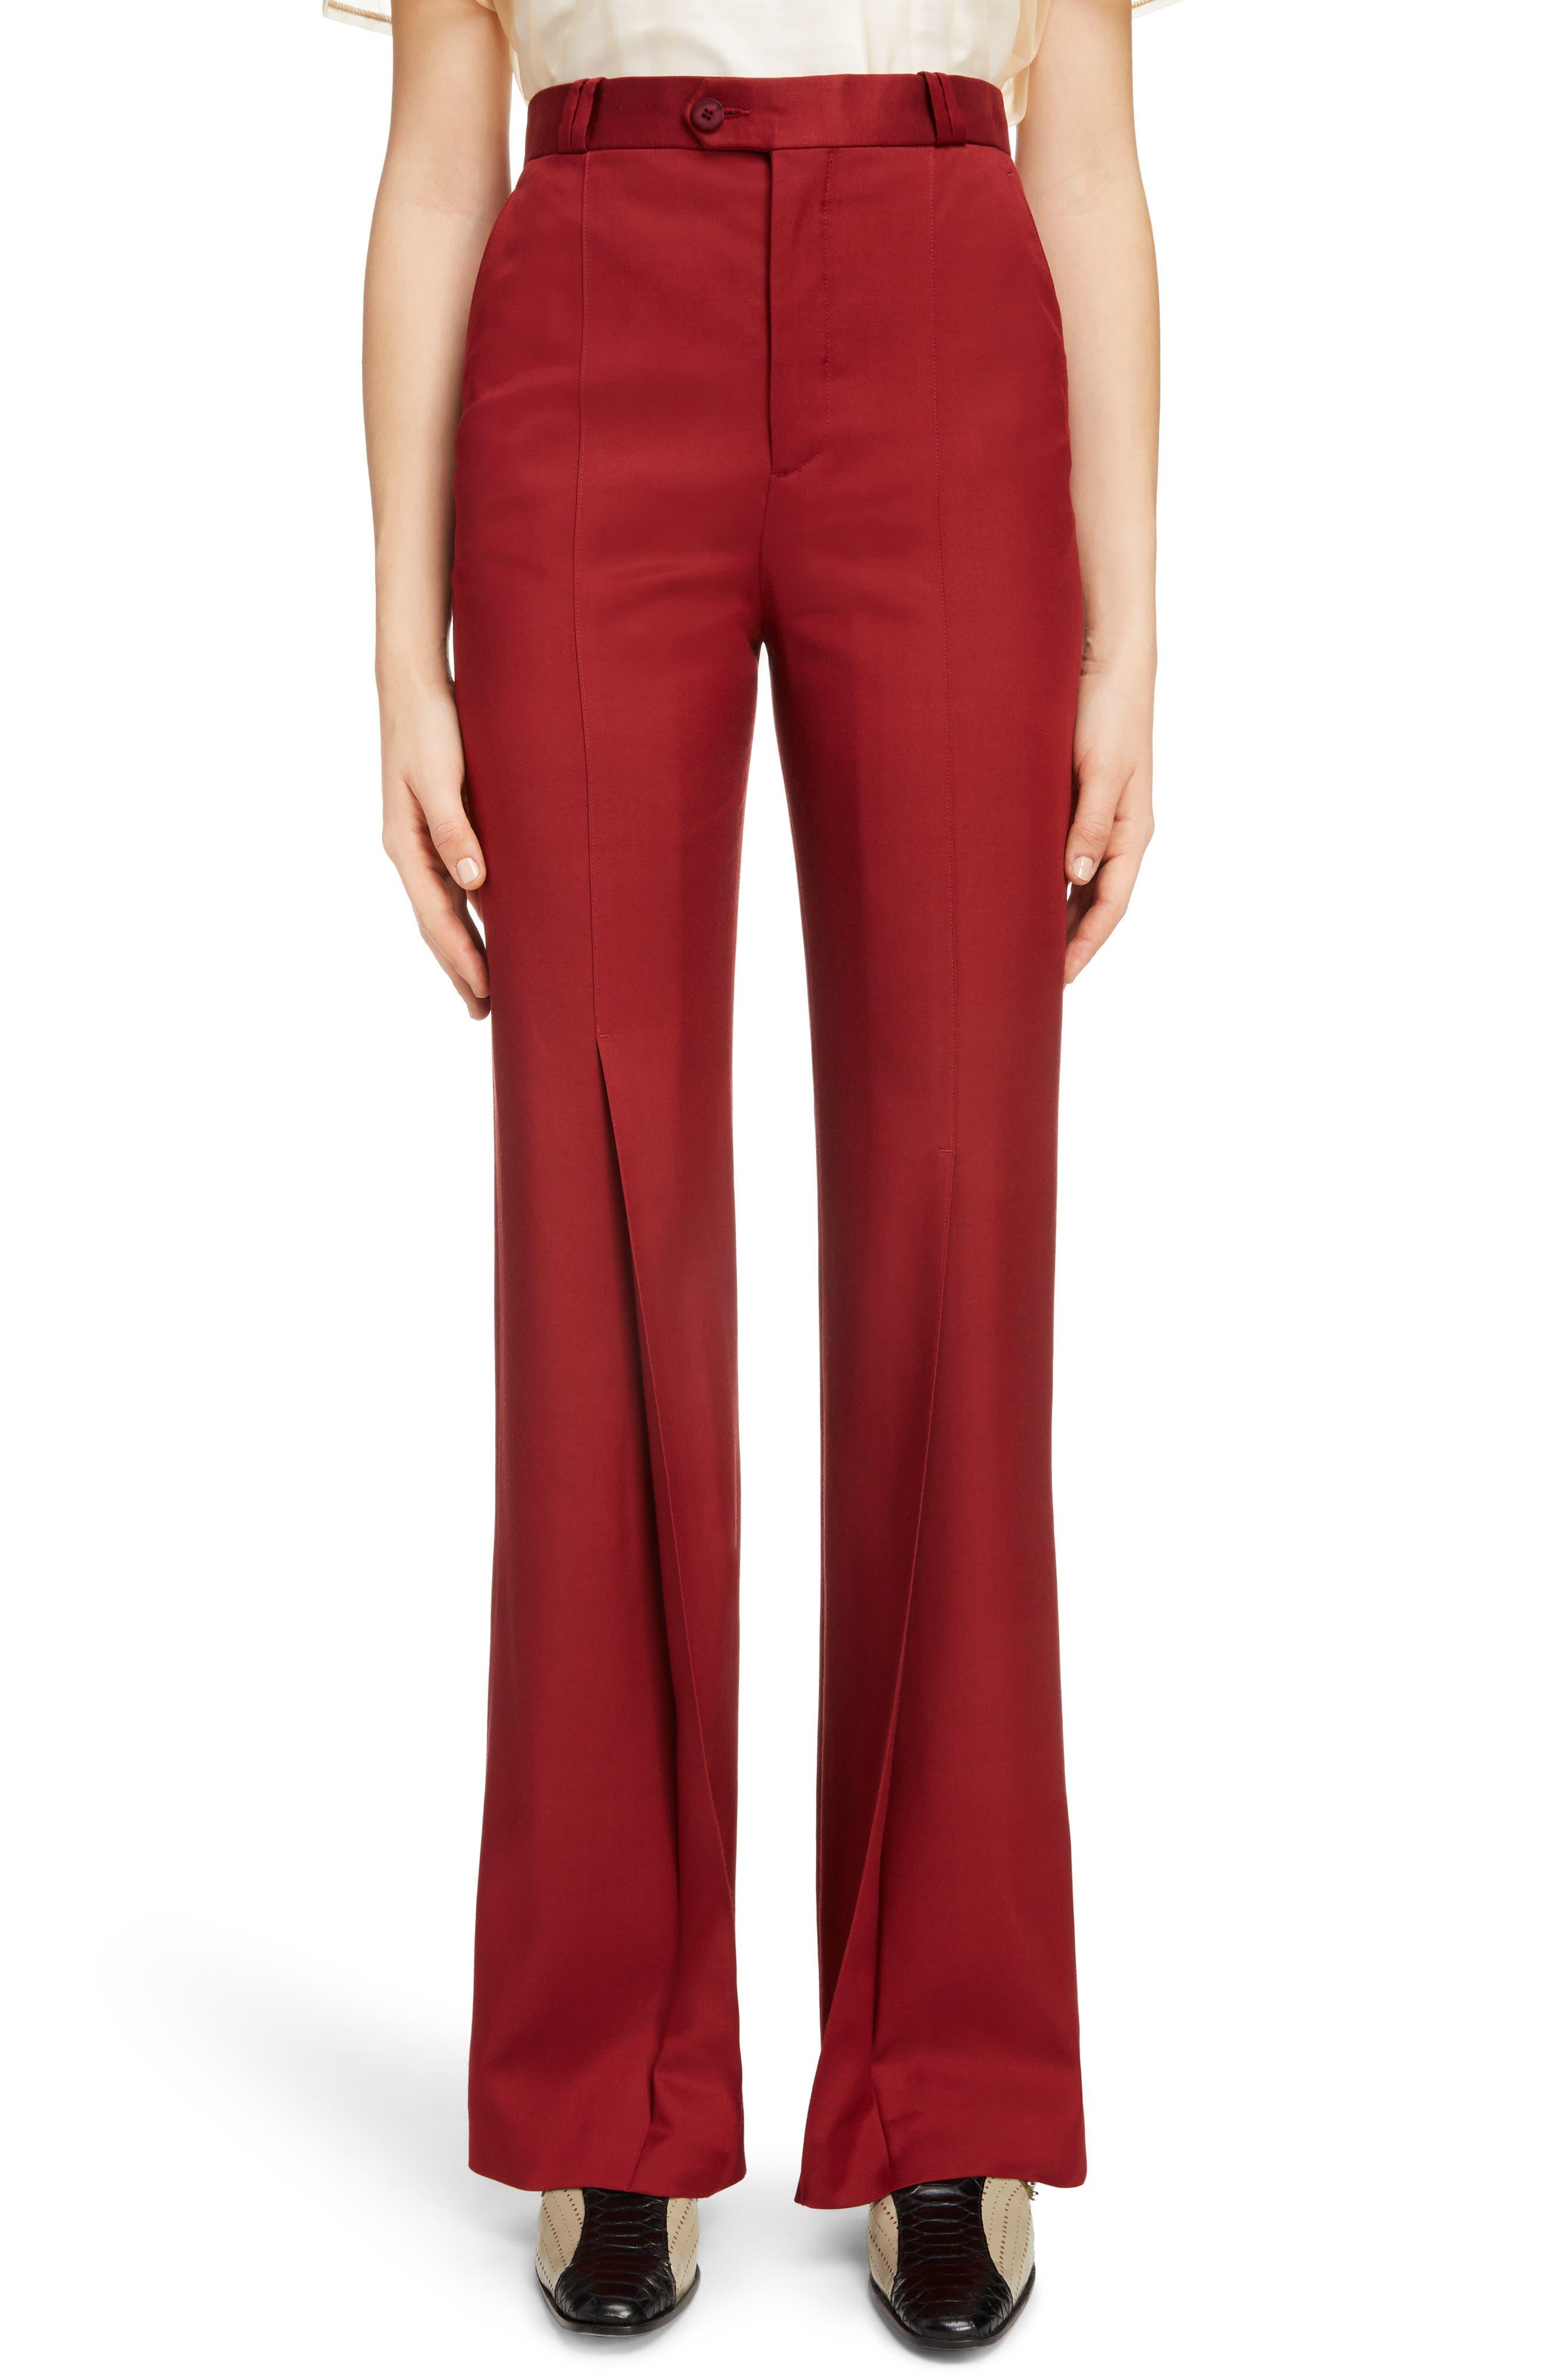 Tohny Suit Pants,                             Main thumbnail 1, color,                             Crimson Red